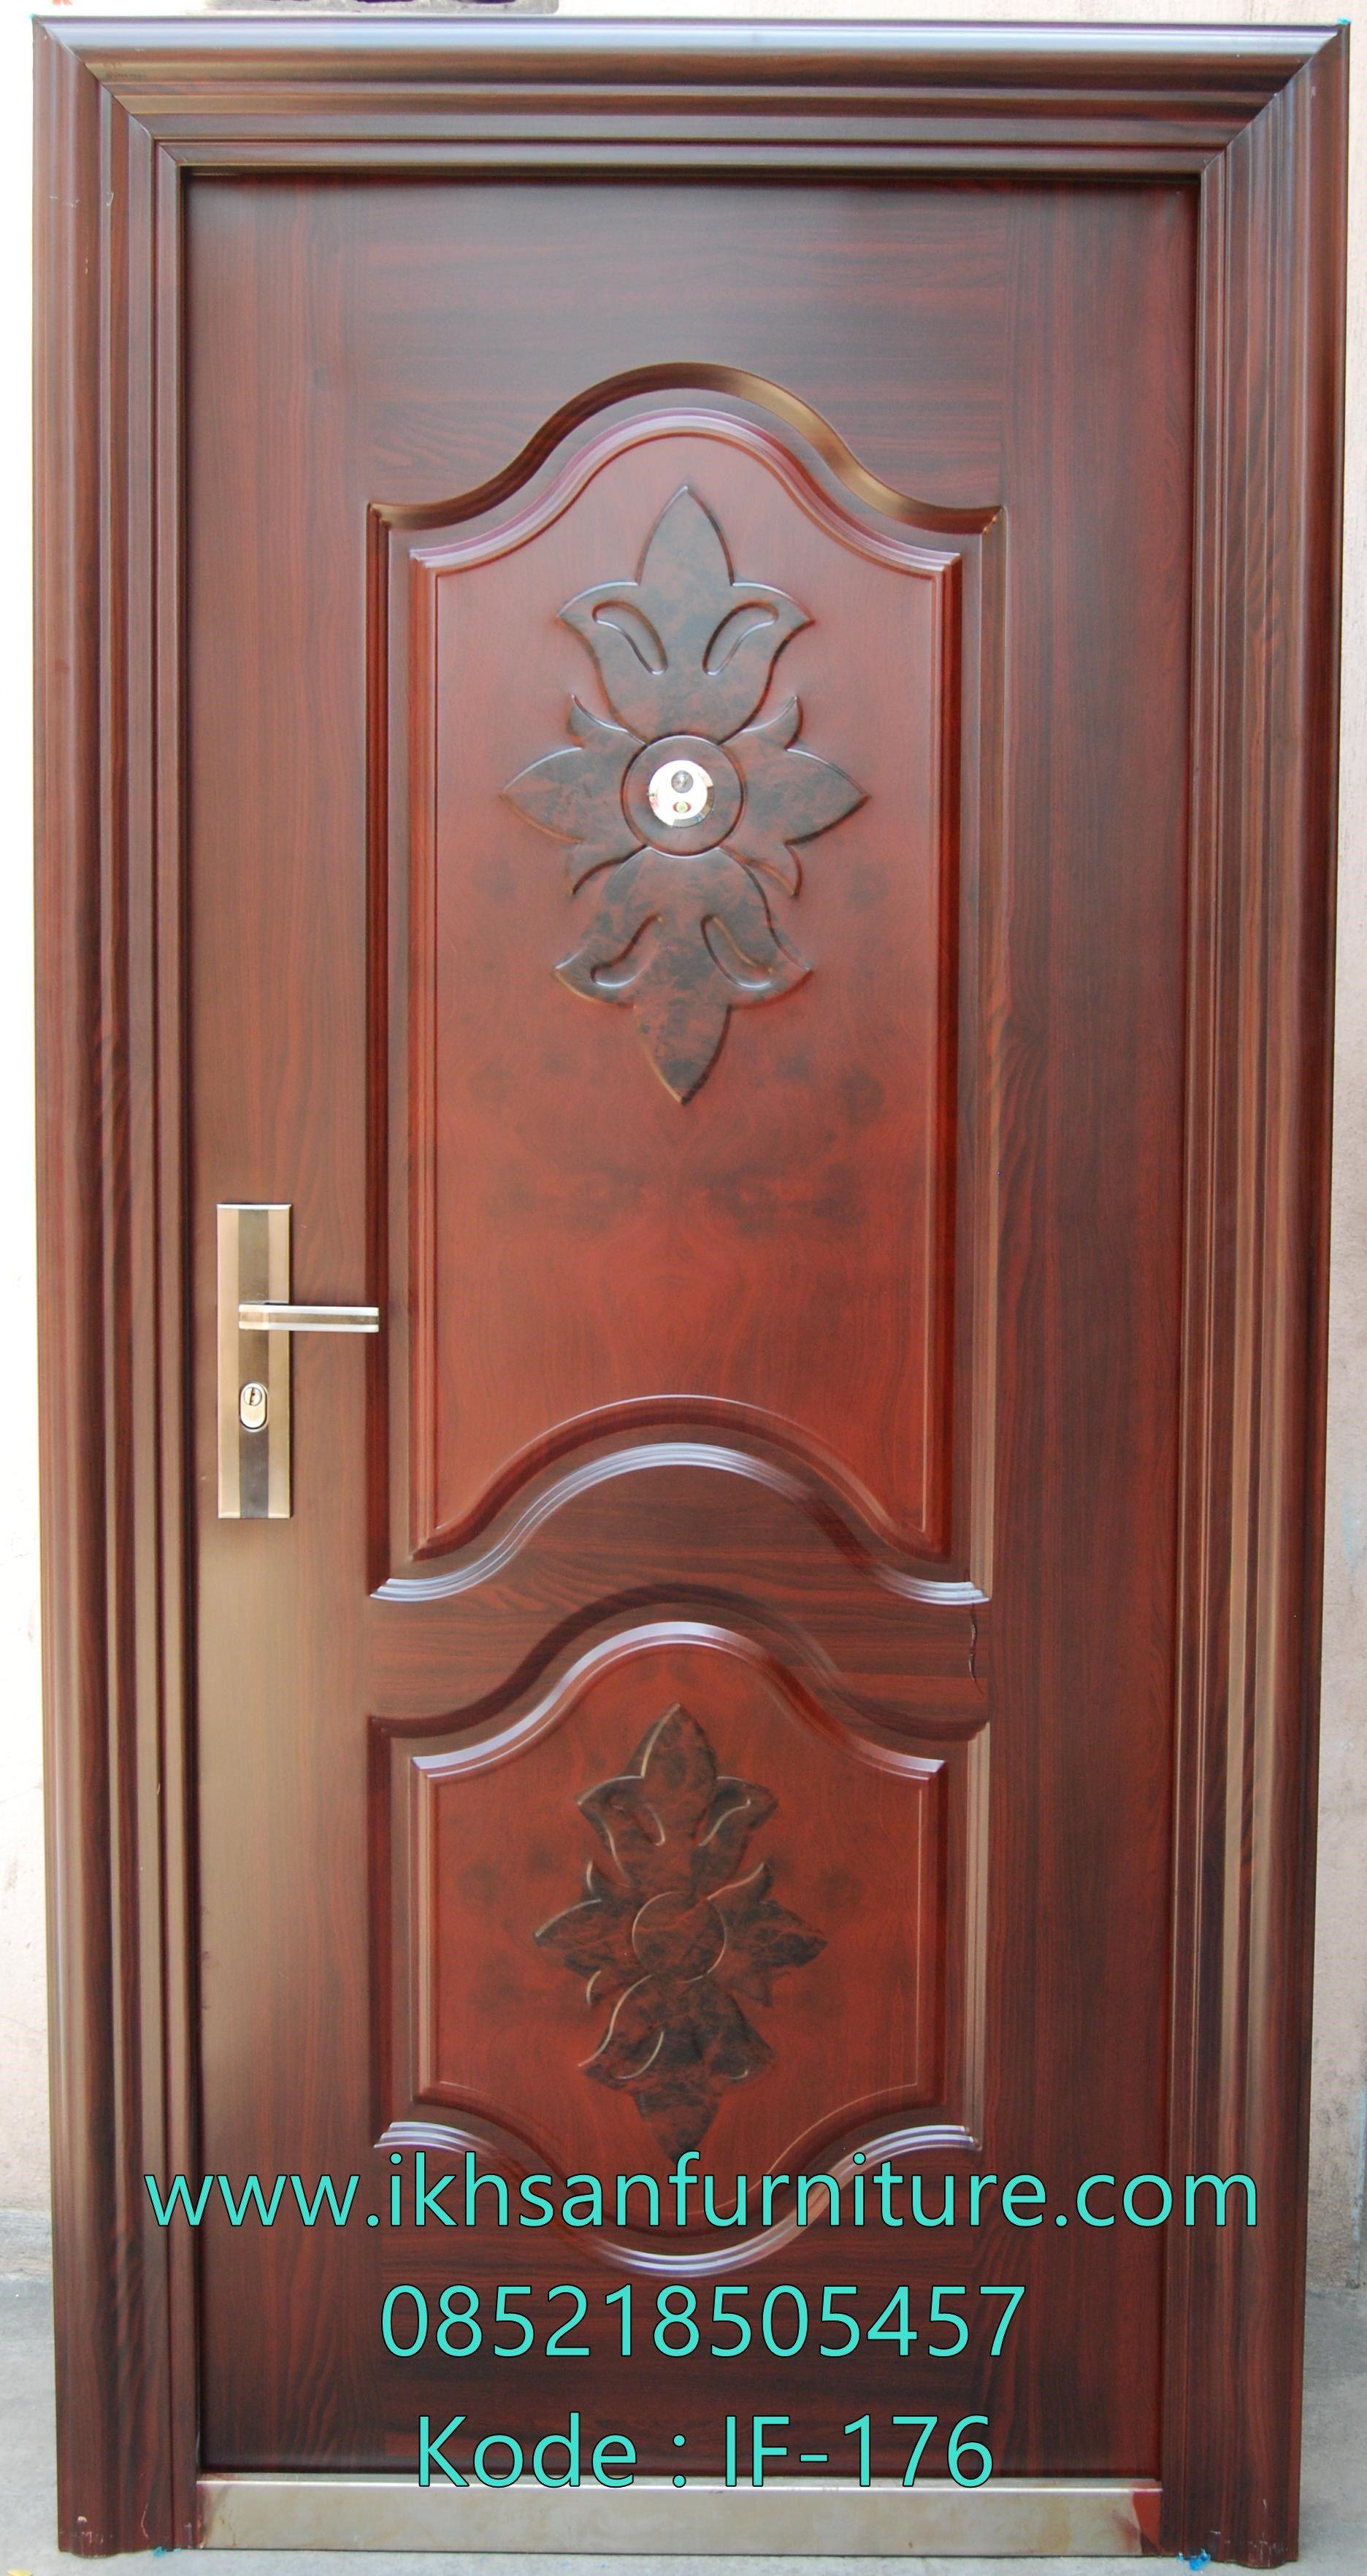 Jual Kusen Pintu Kayu Jati Solid Mewah Model Kusen Pintu